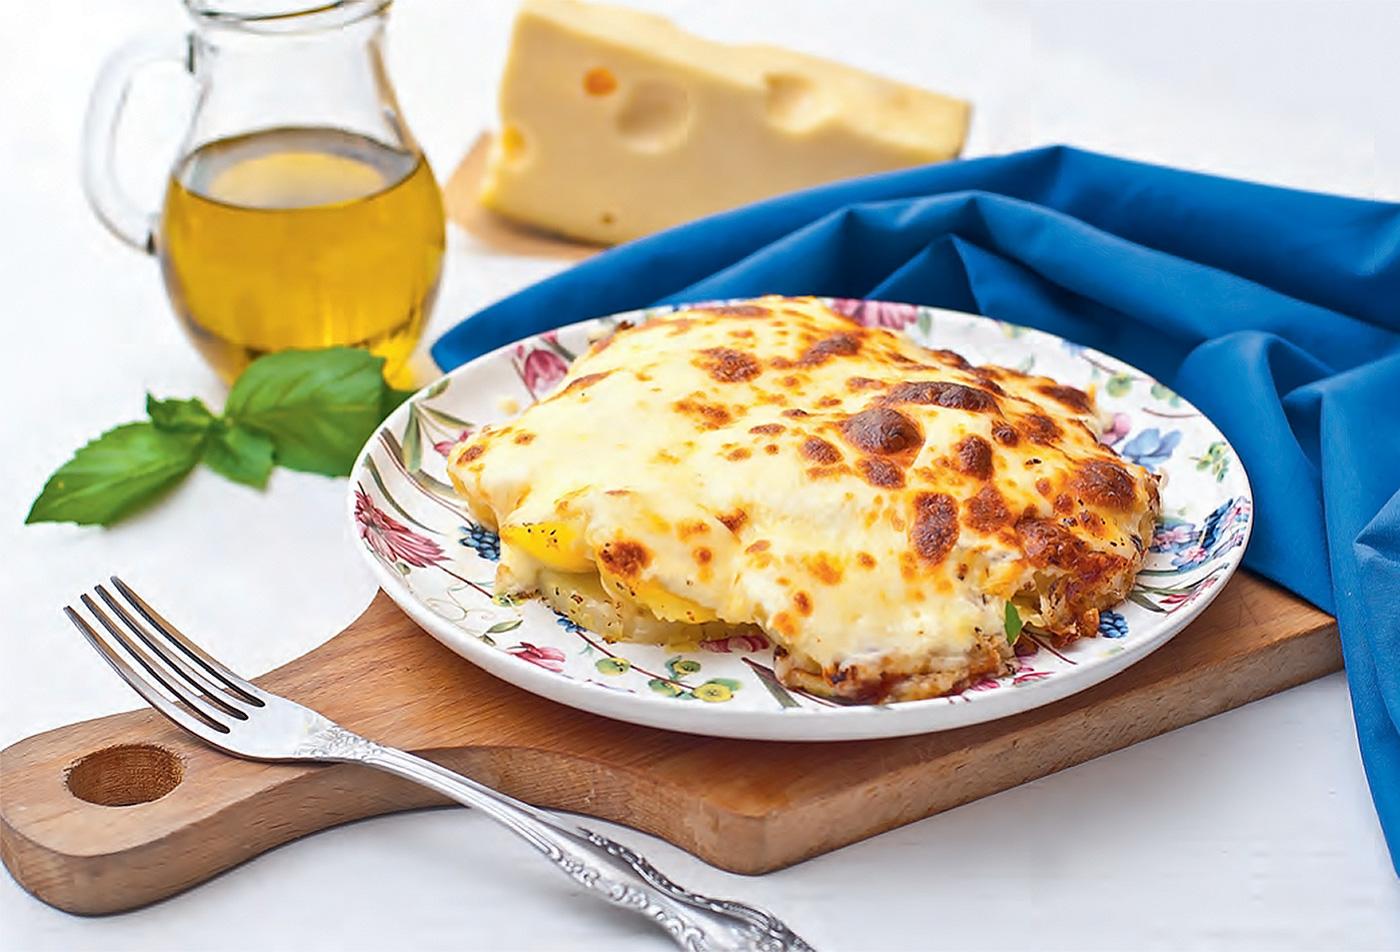 Картофель дофин с сыром